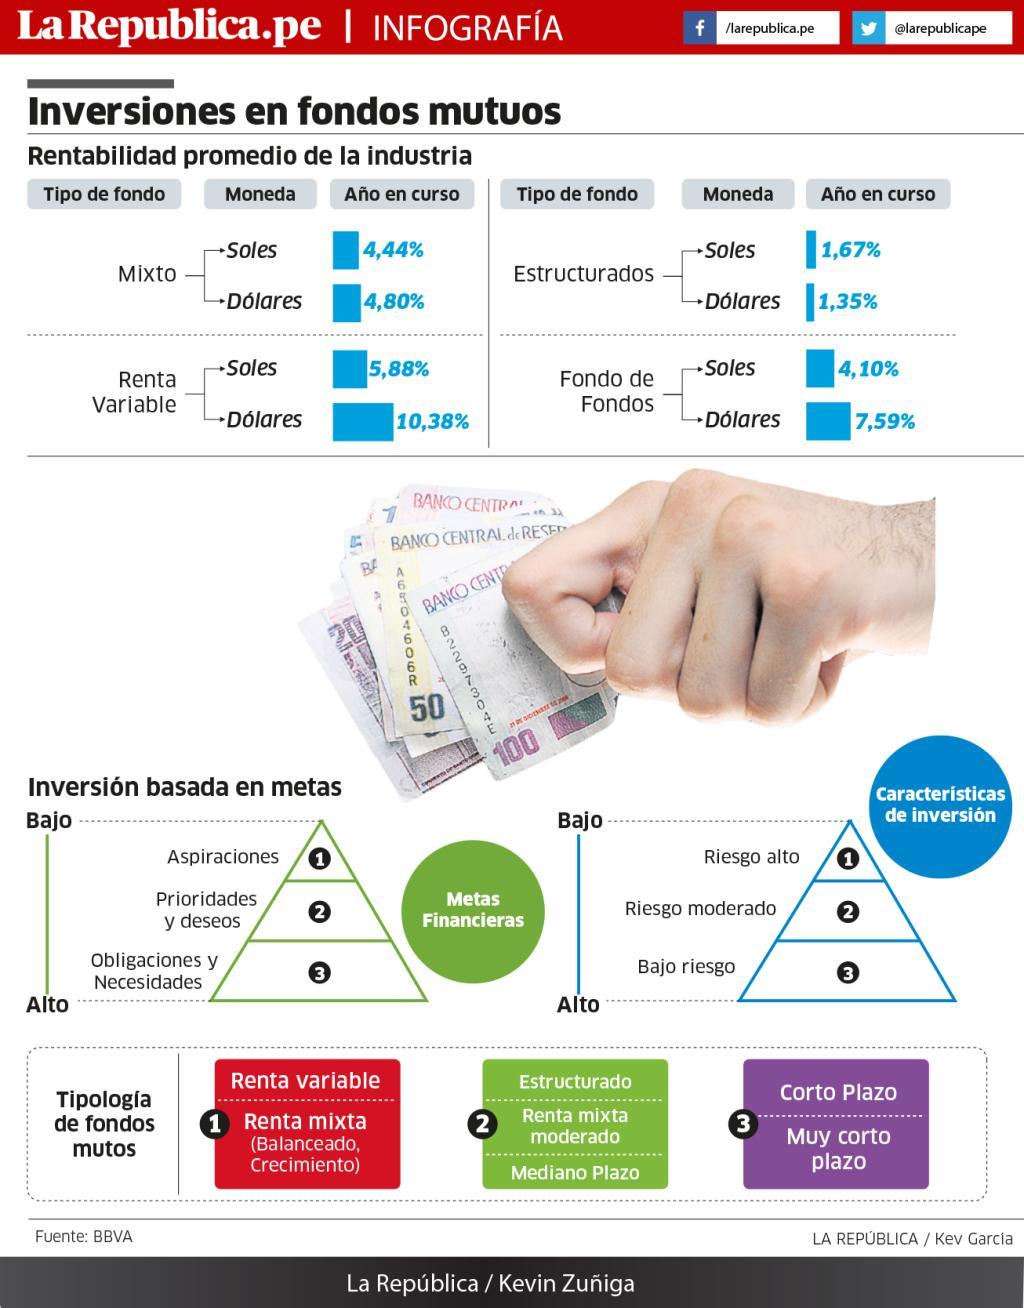 Inversiones en fondos mutuos